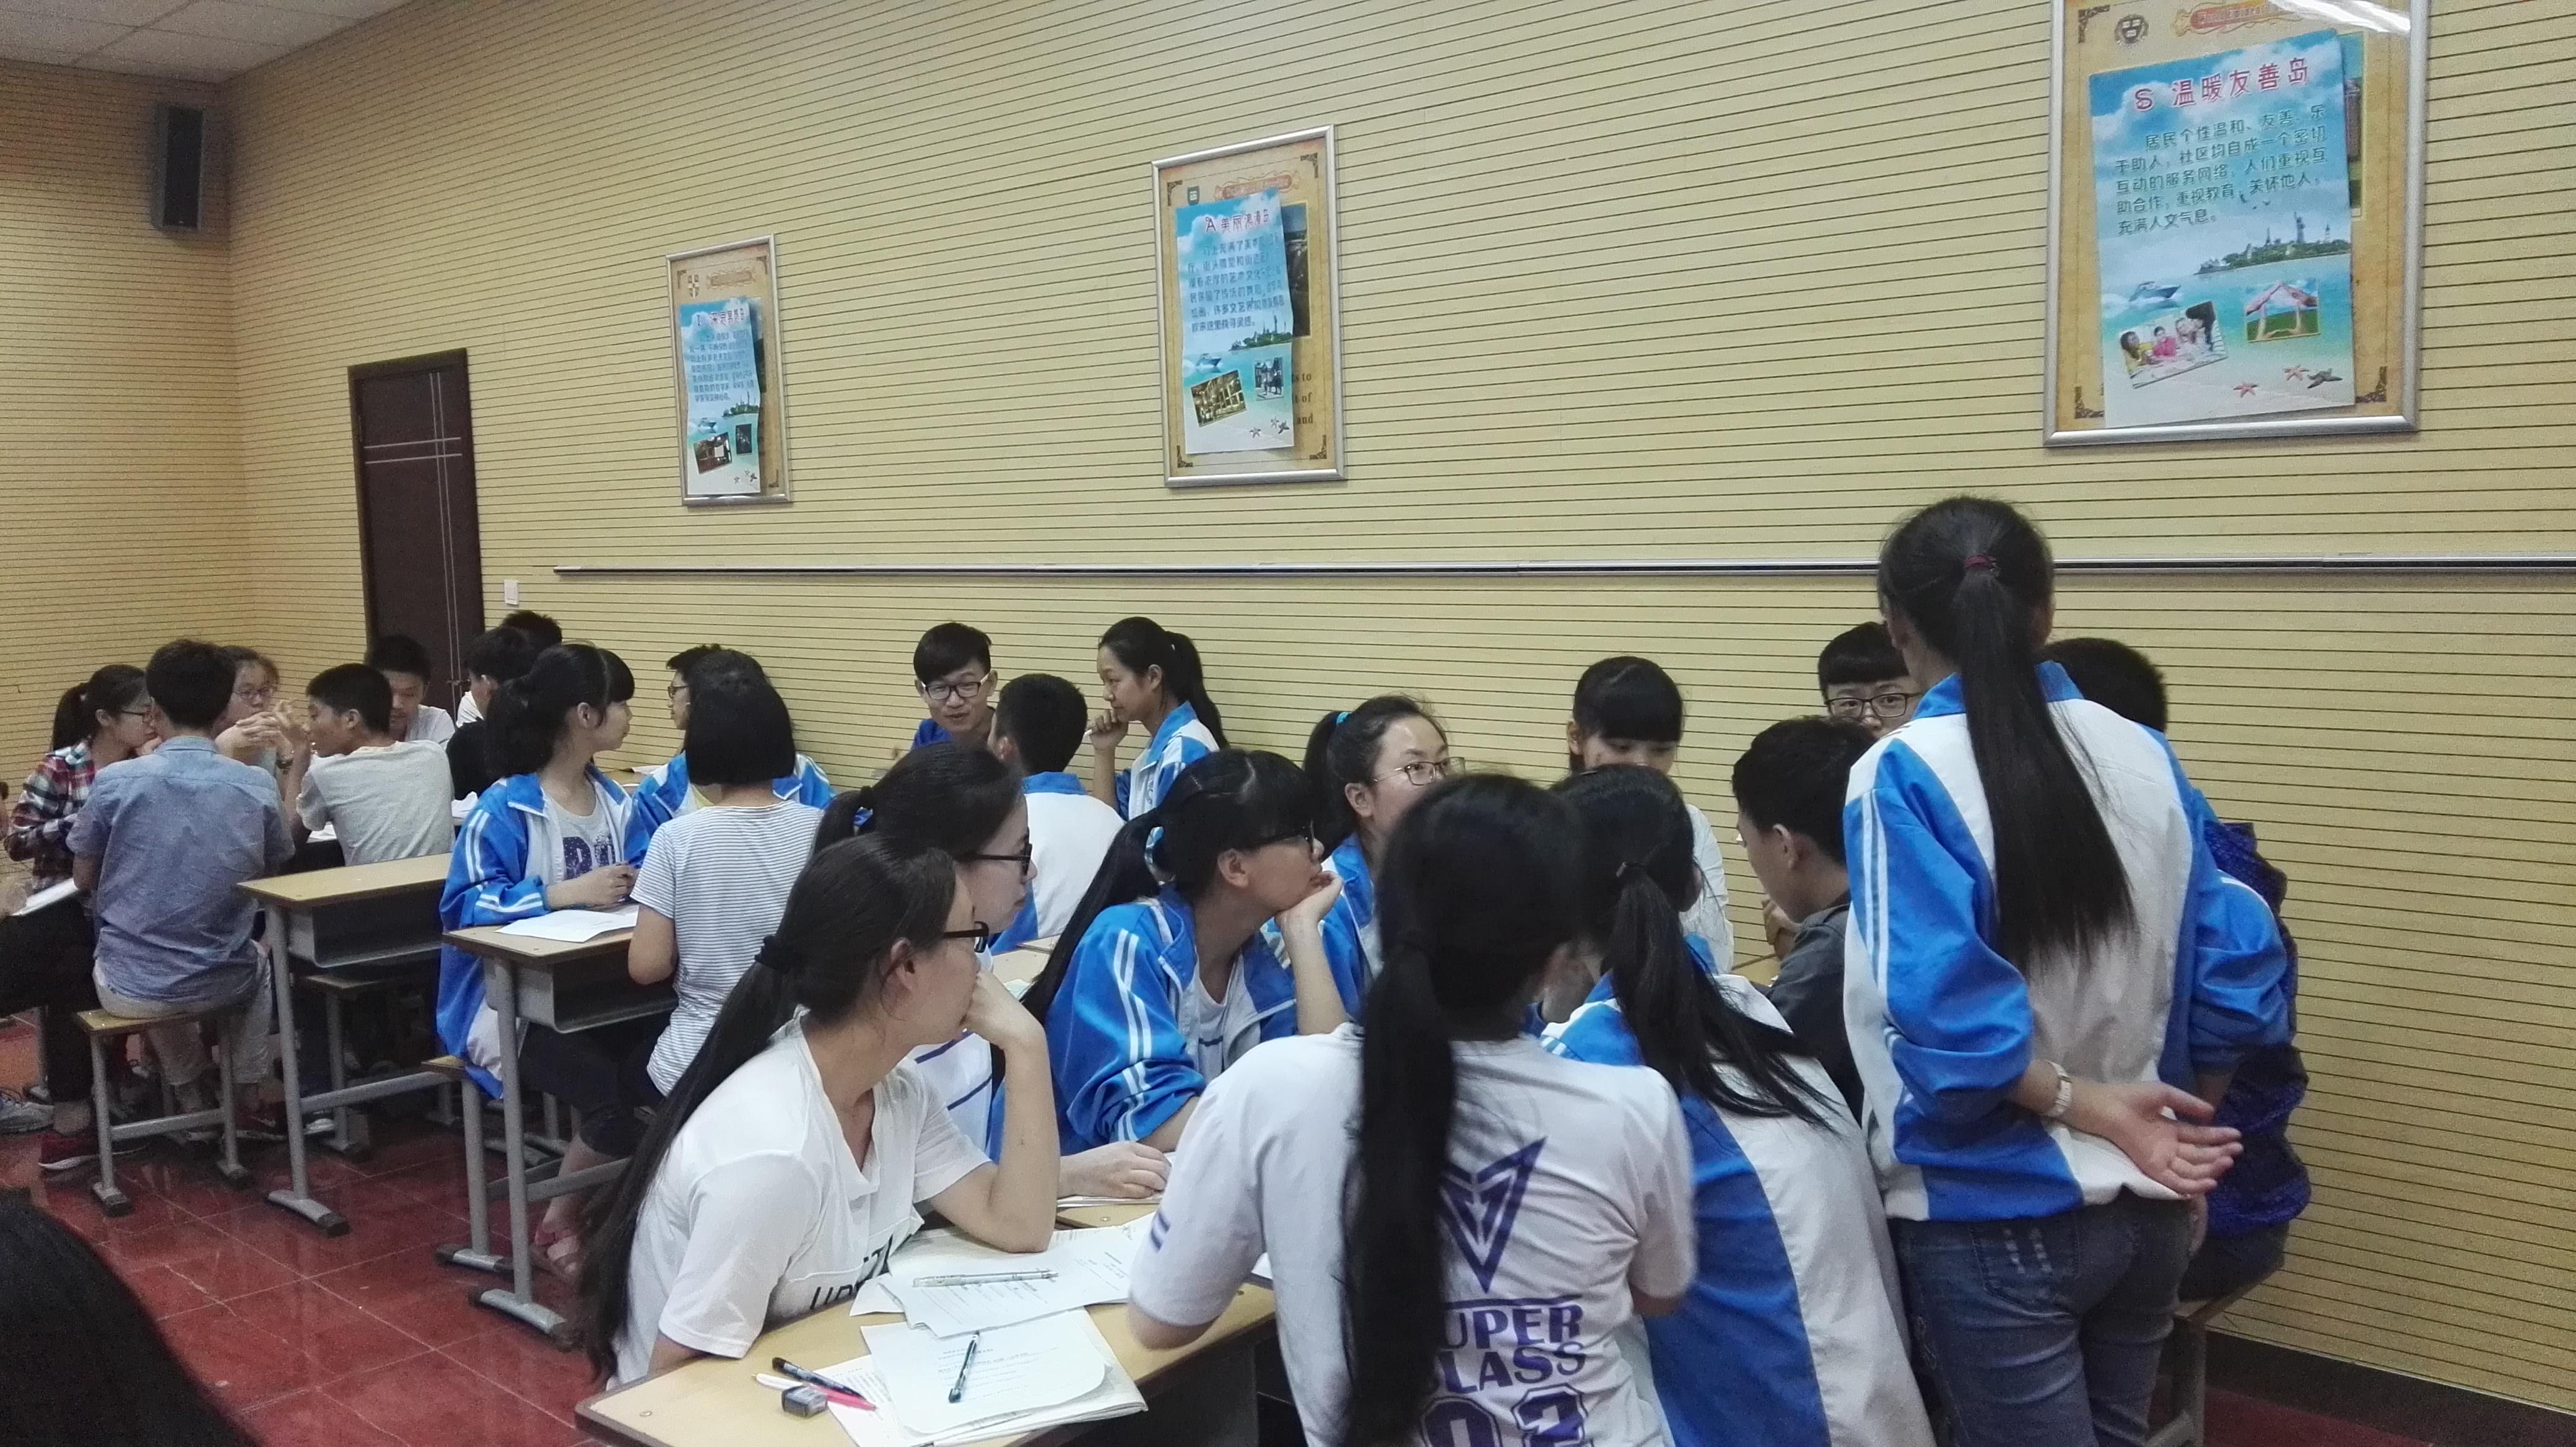 高中�y���ki�.h:+�yb$_高中生涯课堂——\